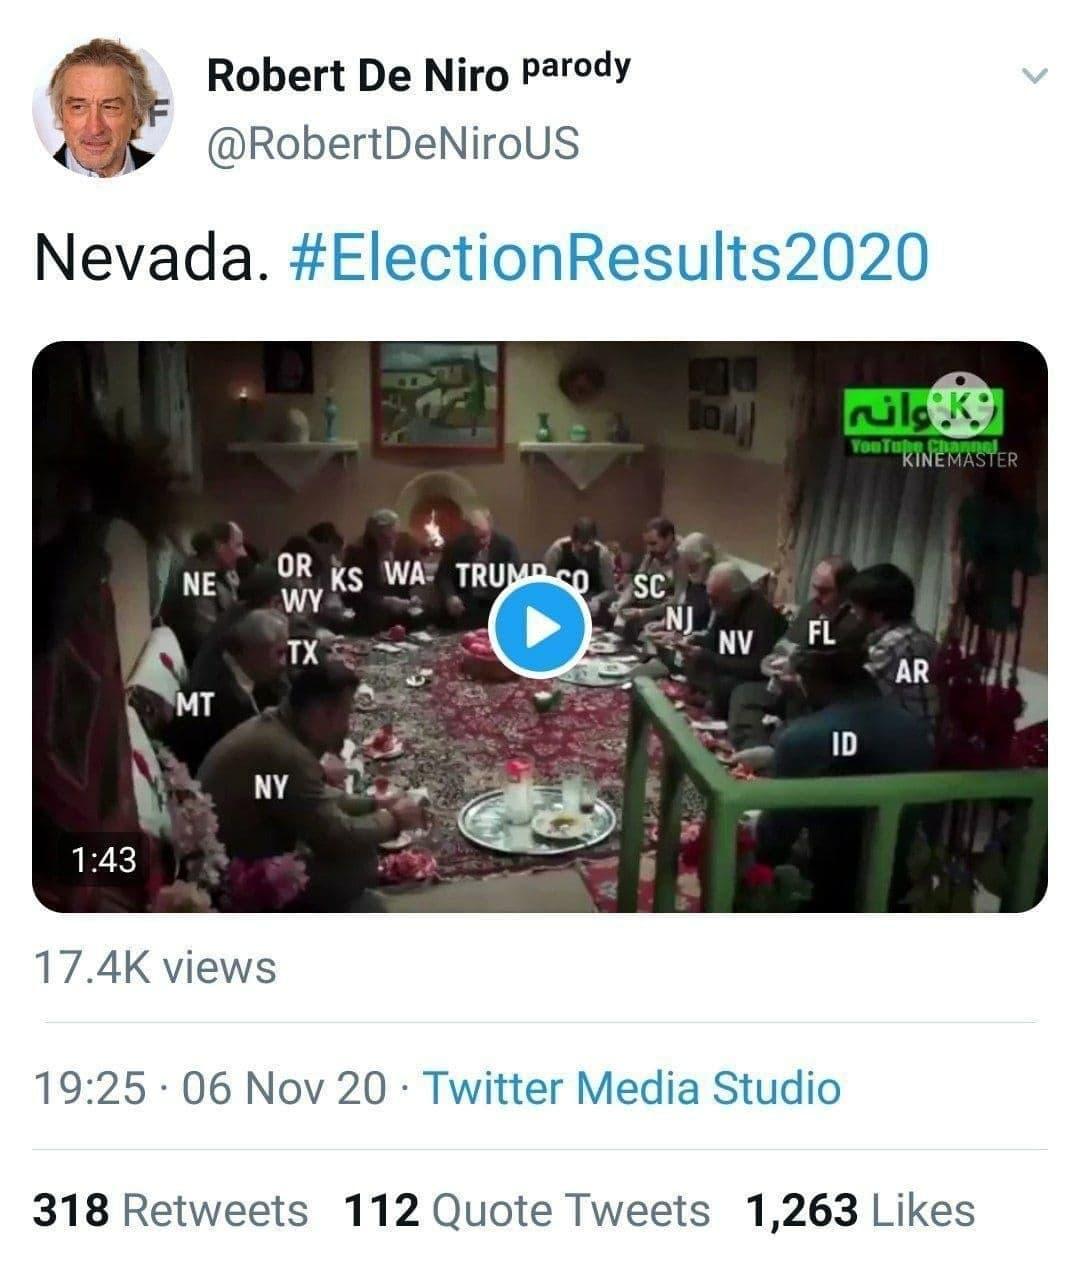 طنز ایرانی ها درباره انتخابات امریکا به توییتر بازیگر آمریکایی رسید +عکس